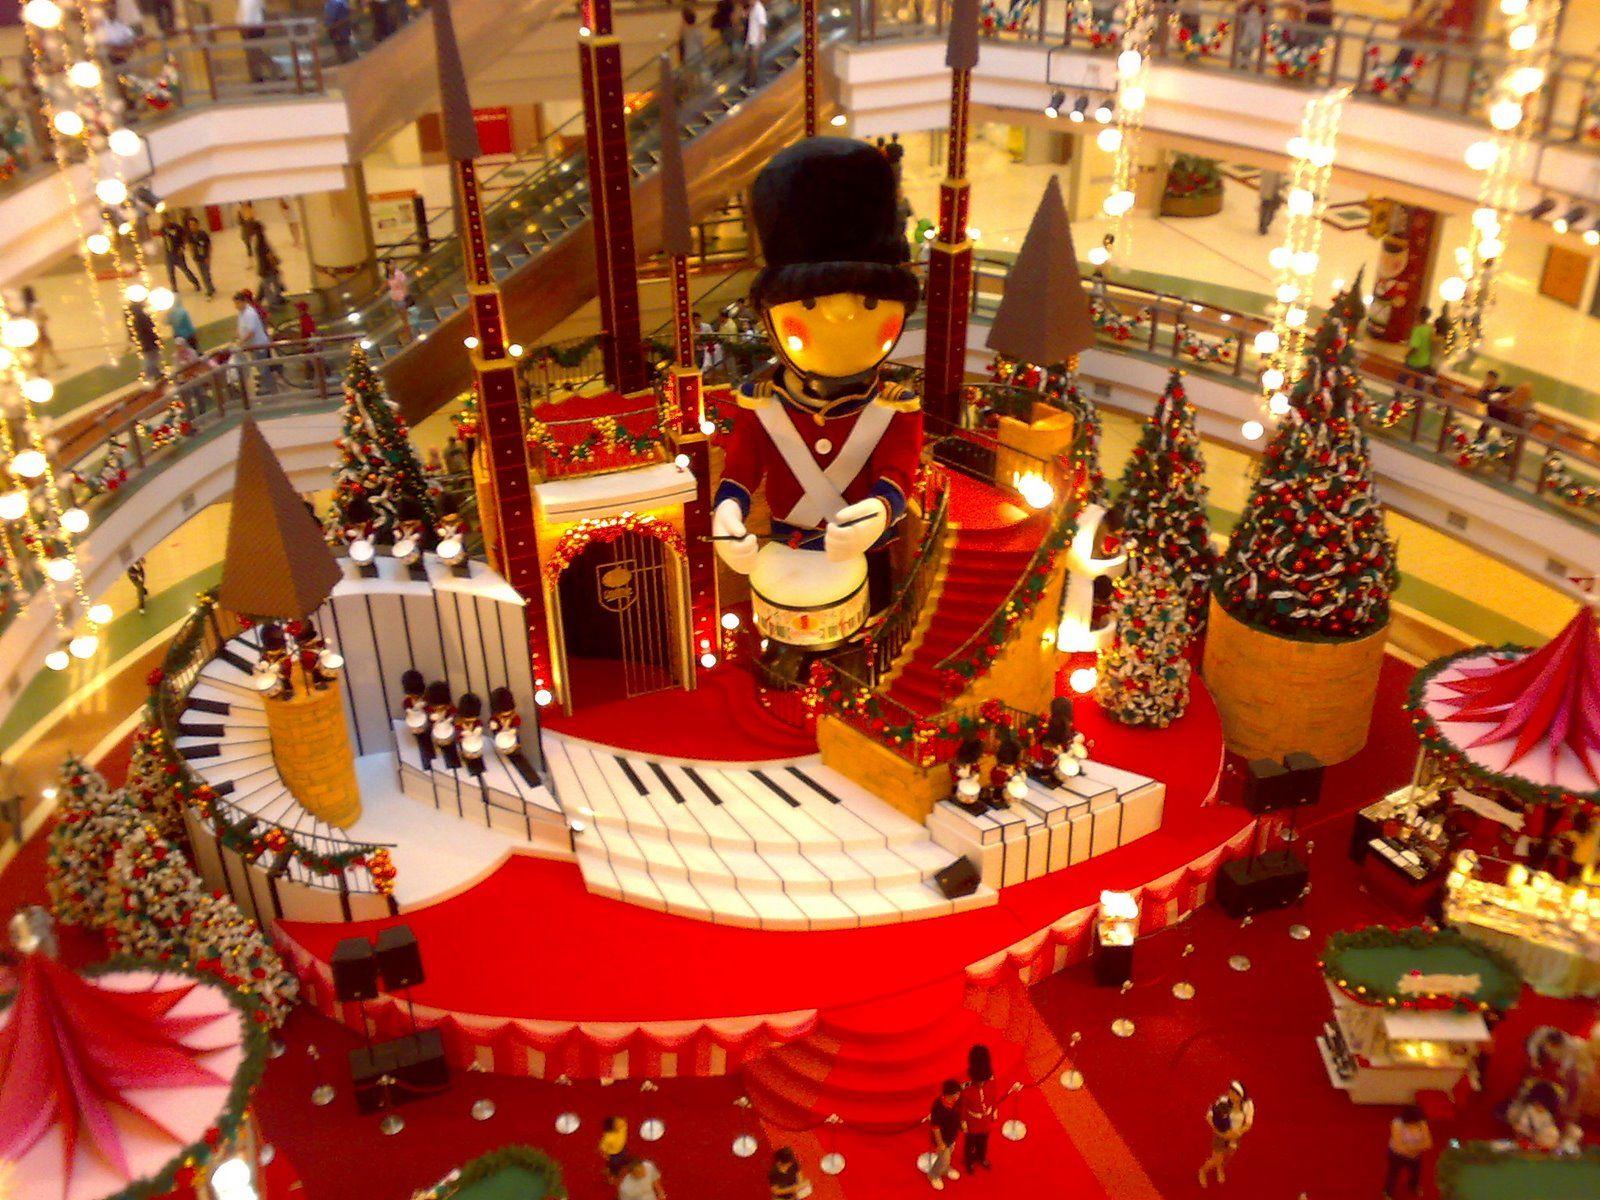 Christmas all around Kuala Lumpur shopping mall